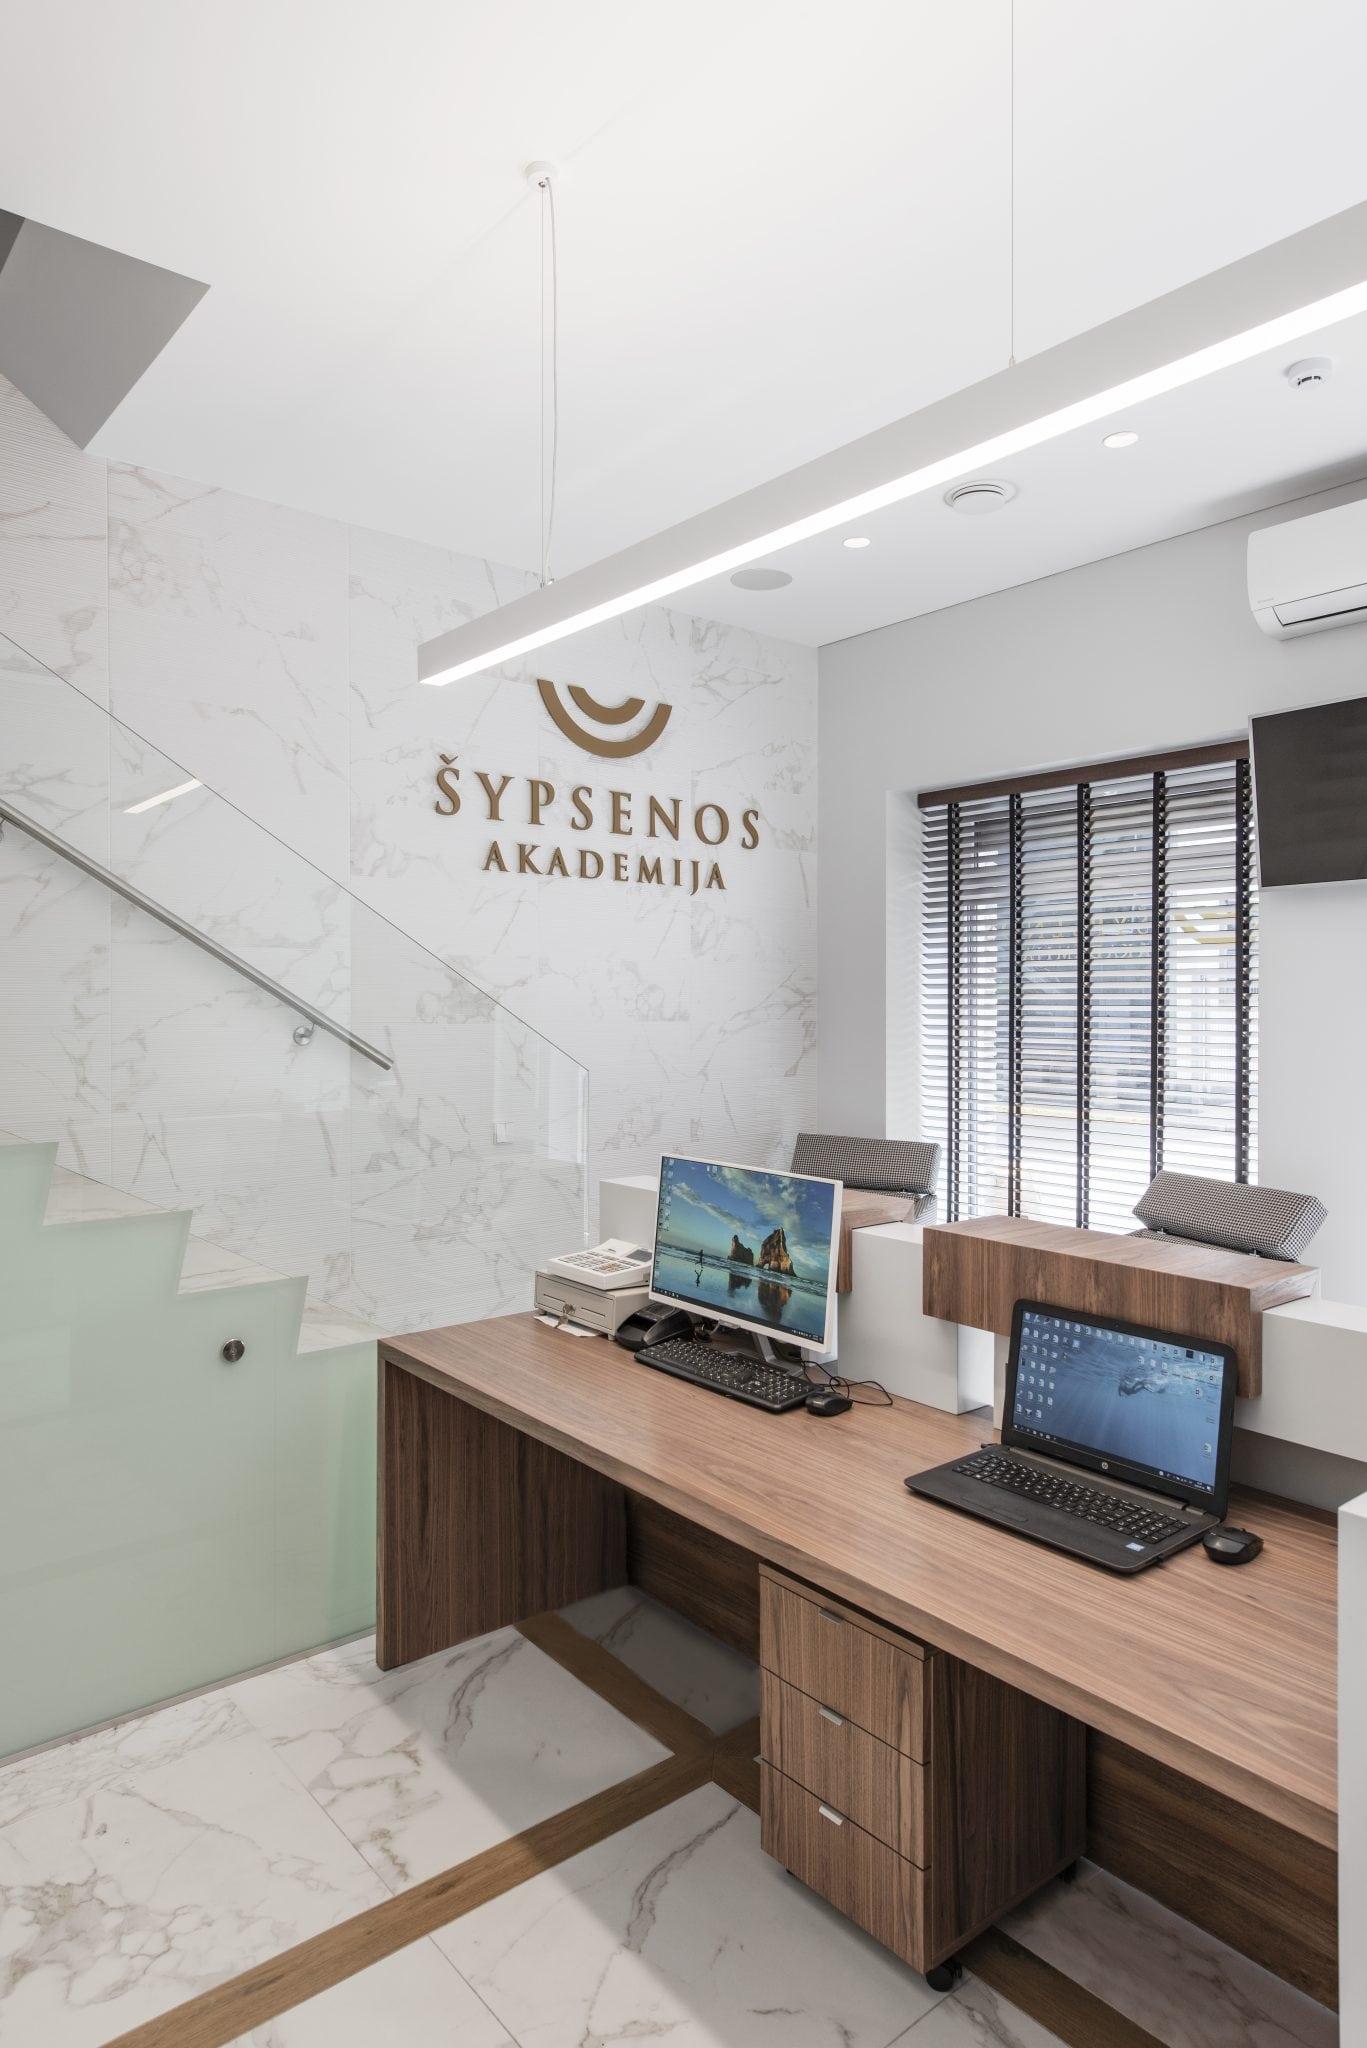 Interjero sprendimai verslui registraturos baldai, įgyvendintas baldų gamybos projektas.